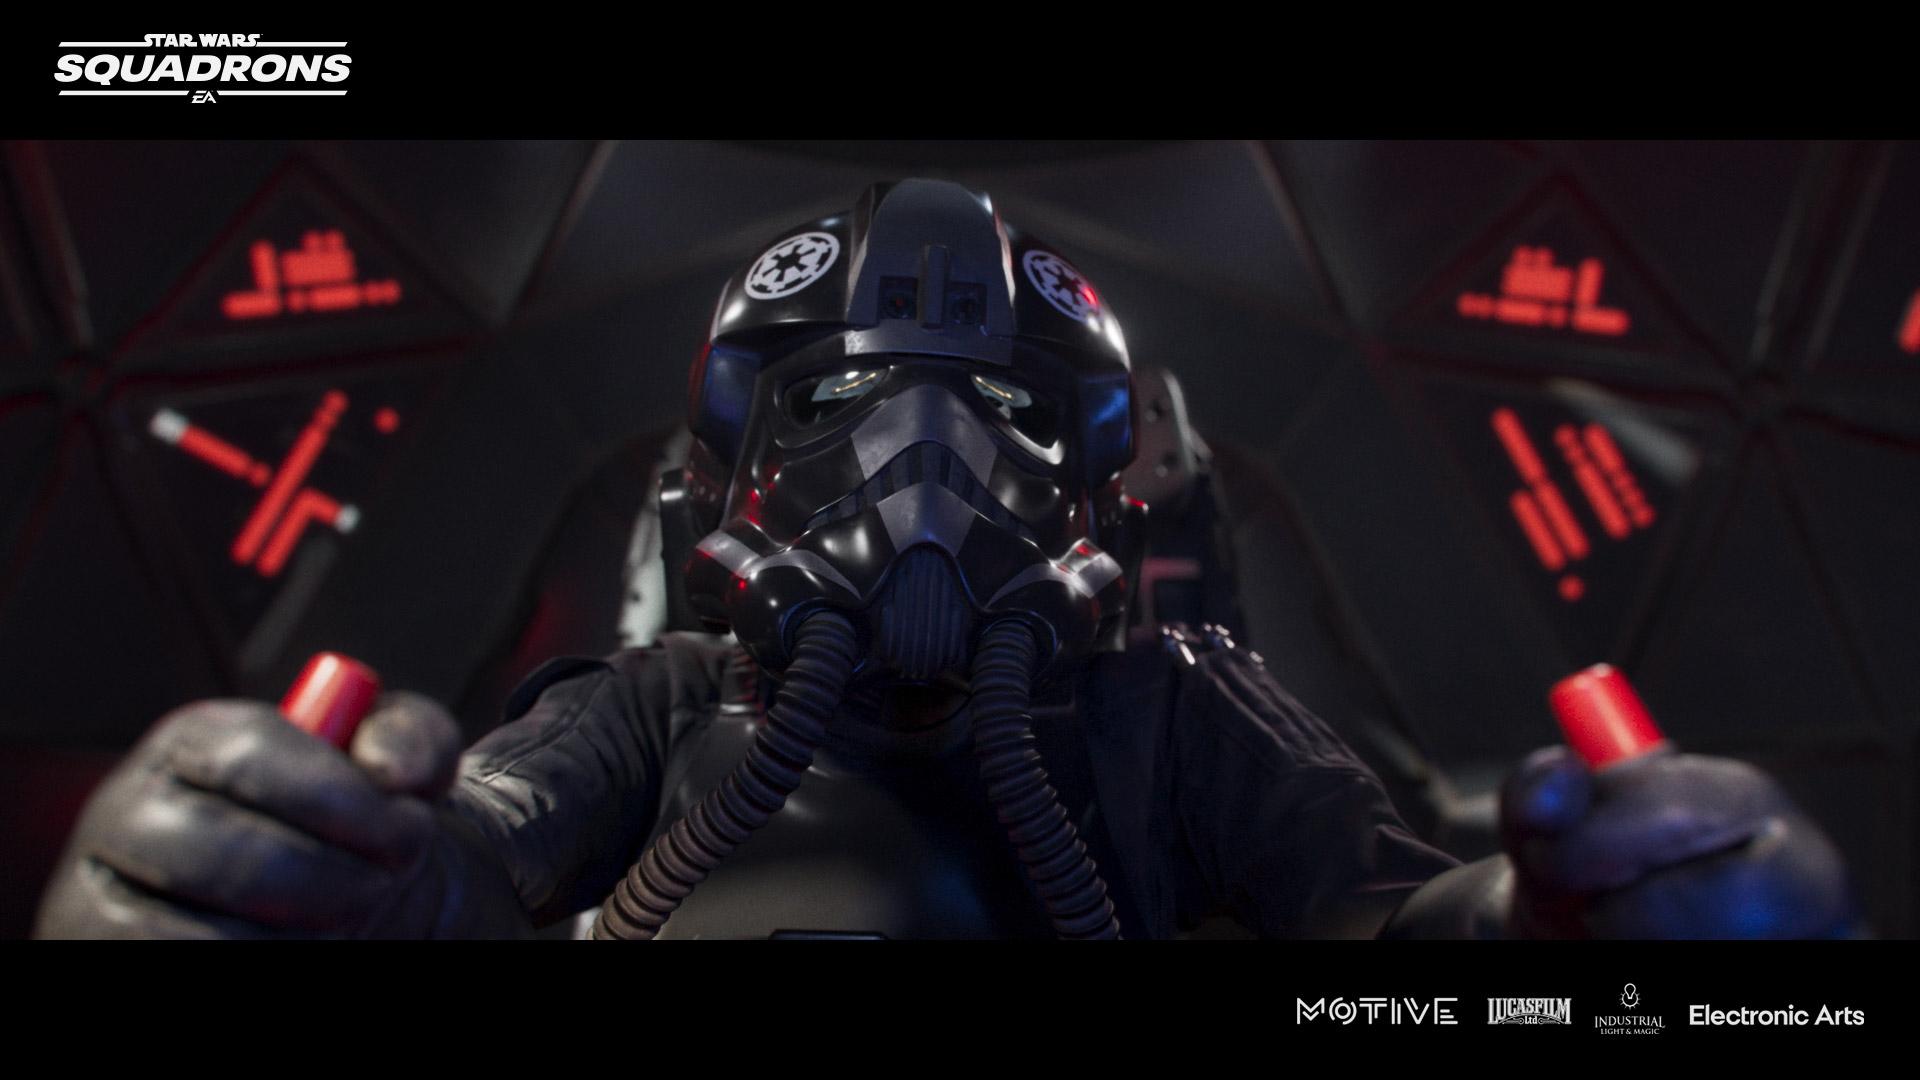 Beeindruckender CGI-Kurzfilm zu Star Wars: Squadrons